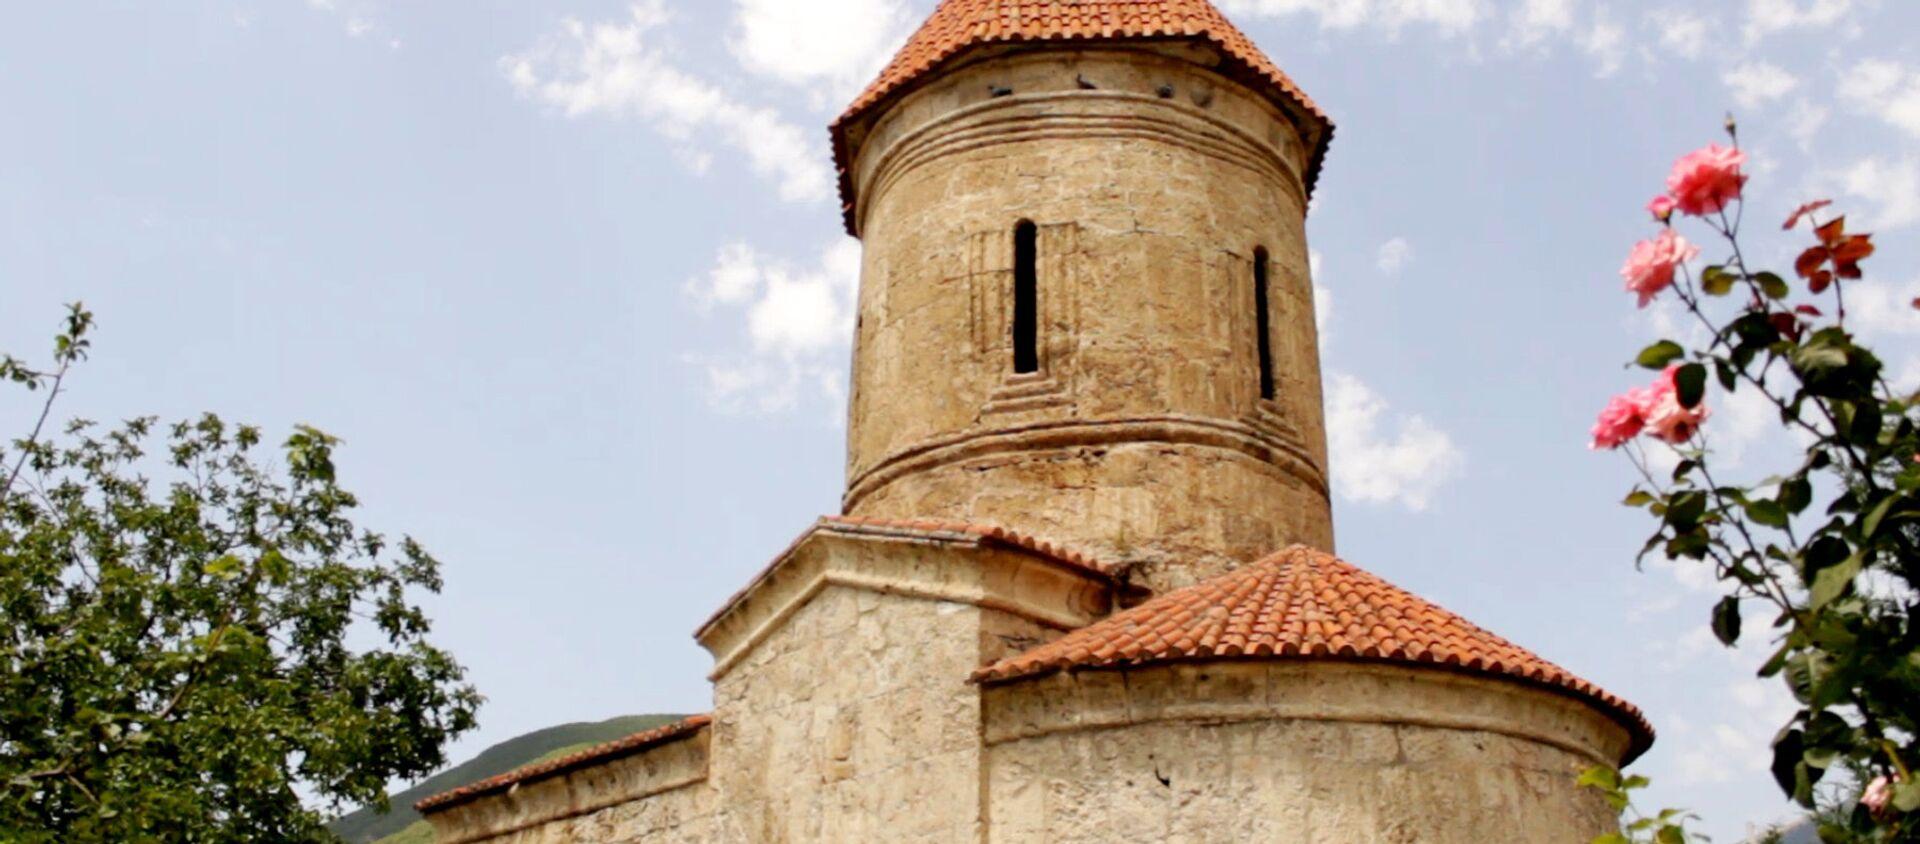 Албанская церковь в деревне Киш Шекинского района - Sputnik Азербайджан, 1920, 10.10.2016